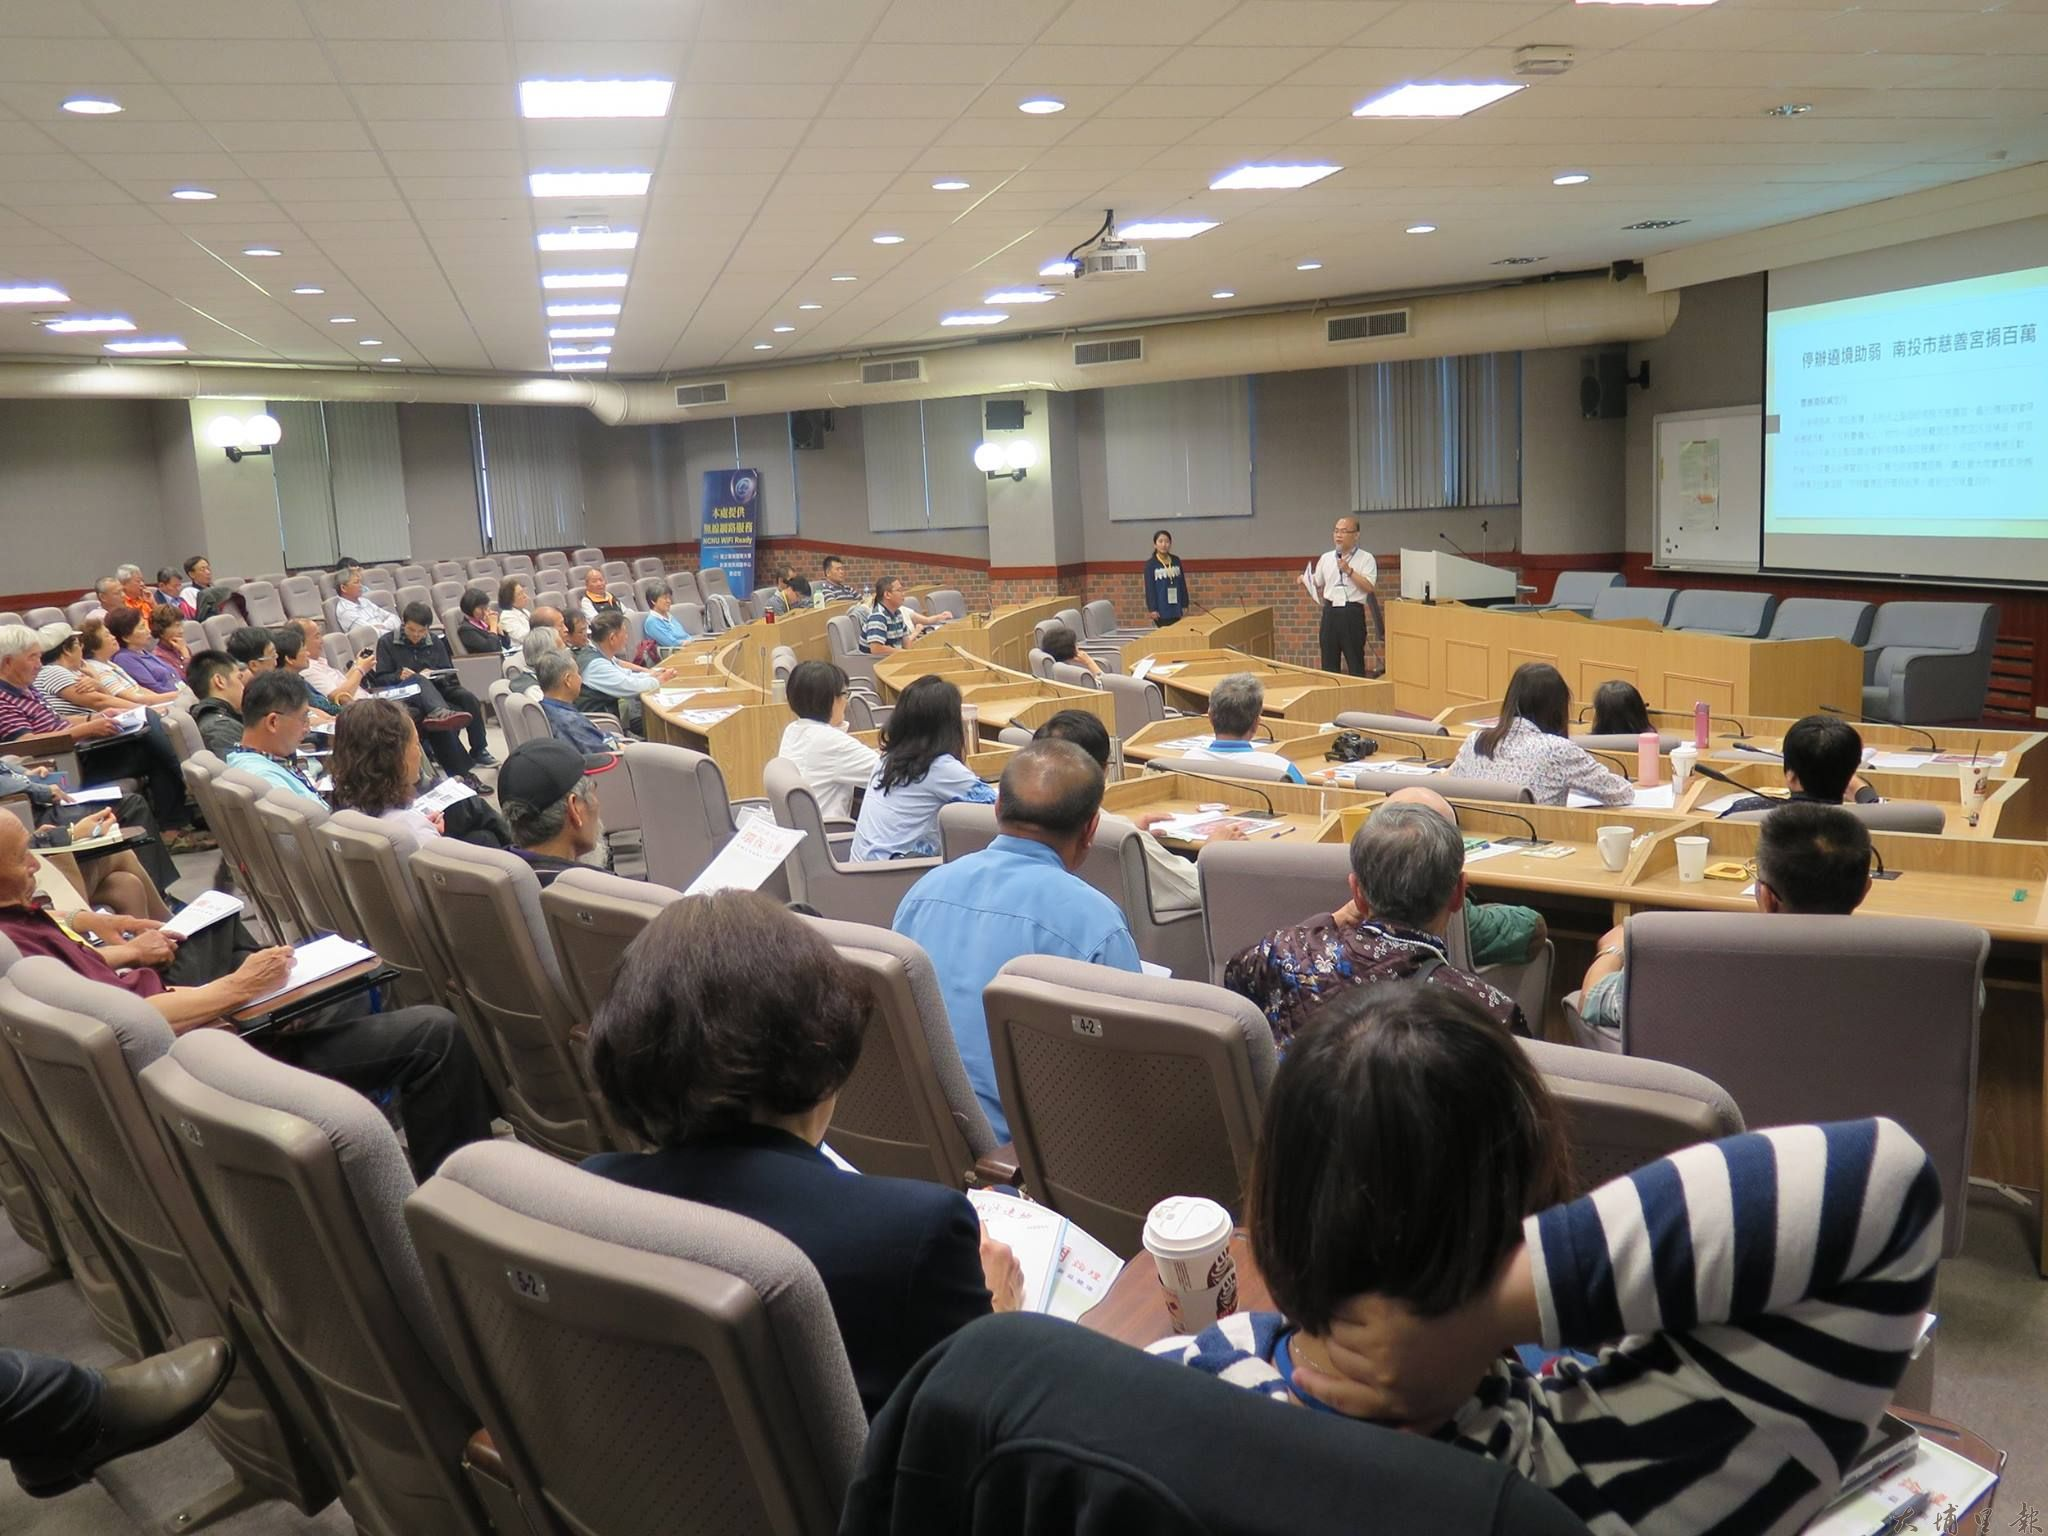 環保寺廟論壇在暨大人文學院國際會議廳舉行,地方許多宮廟代表到場參與。(陳怡真攝)